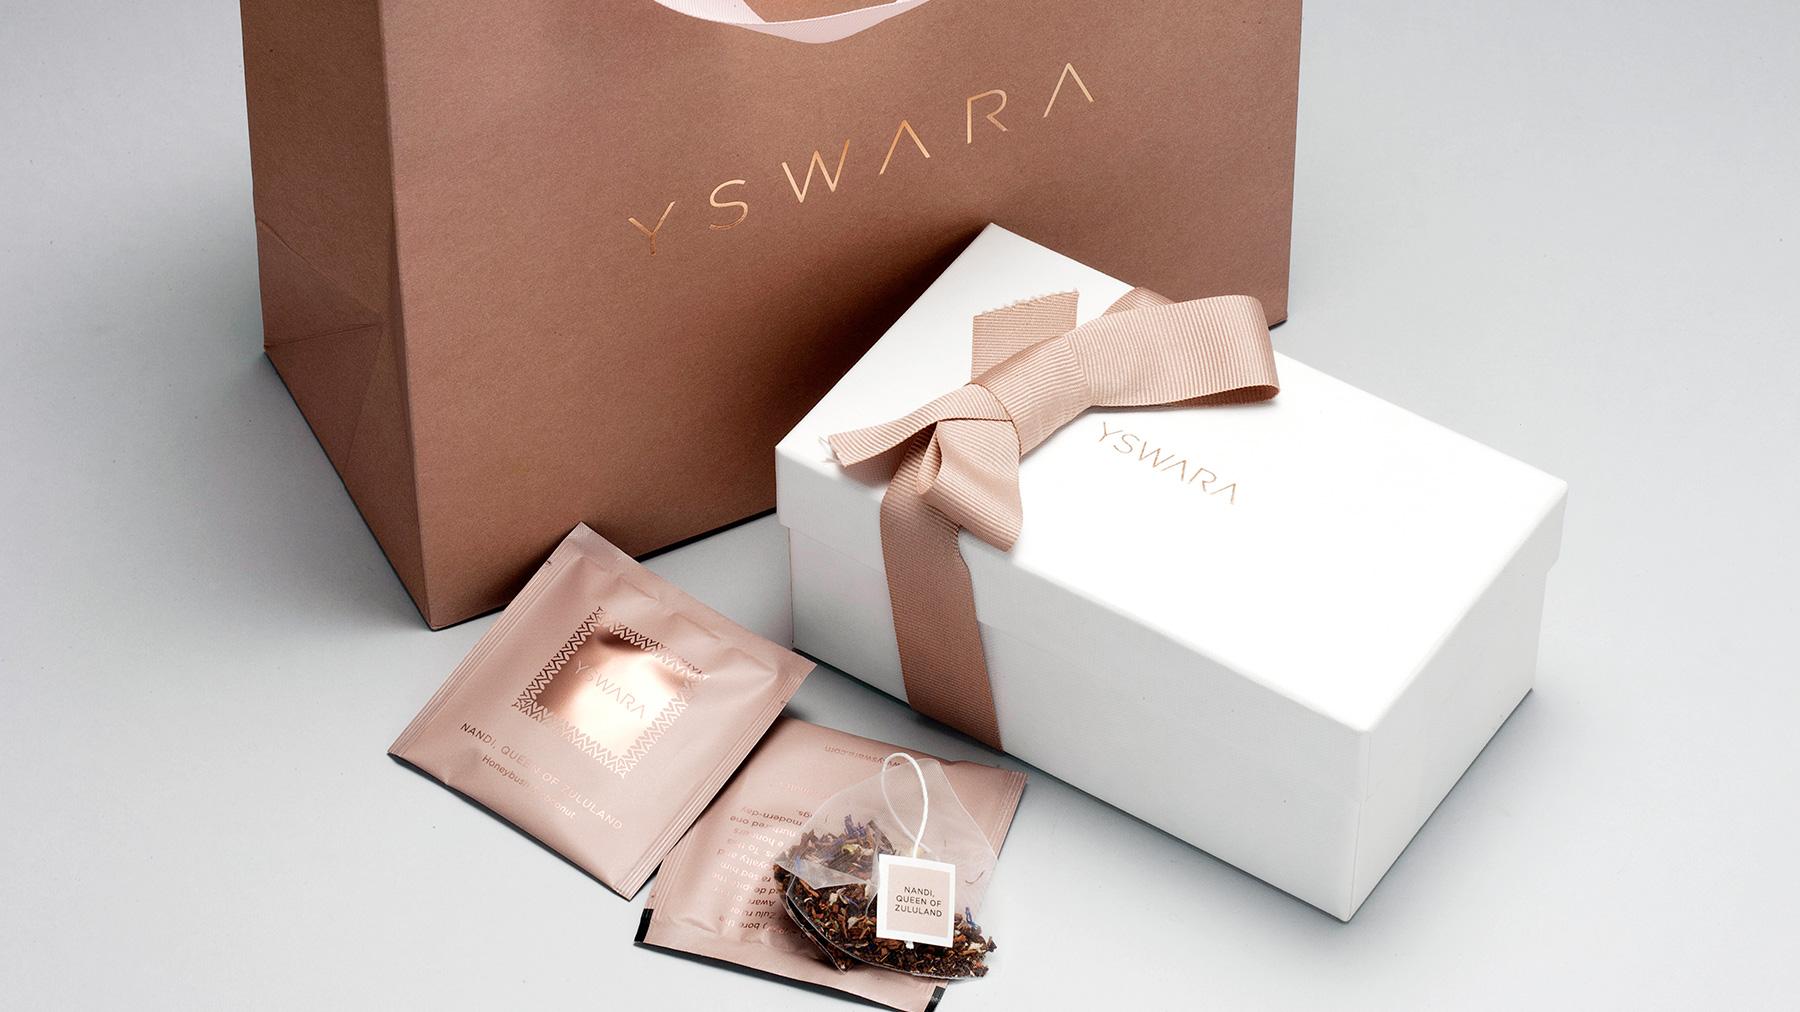 Yswara Luxury Packaging